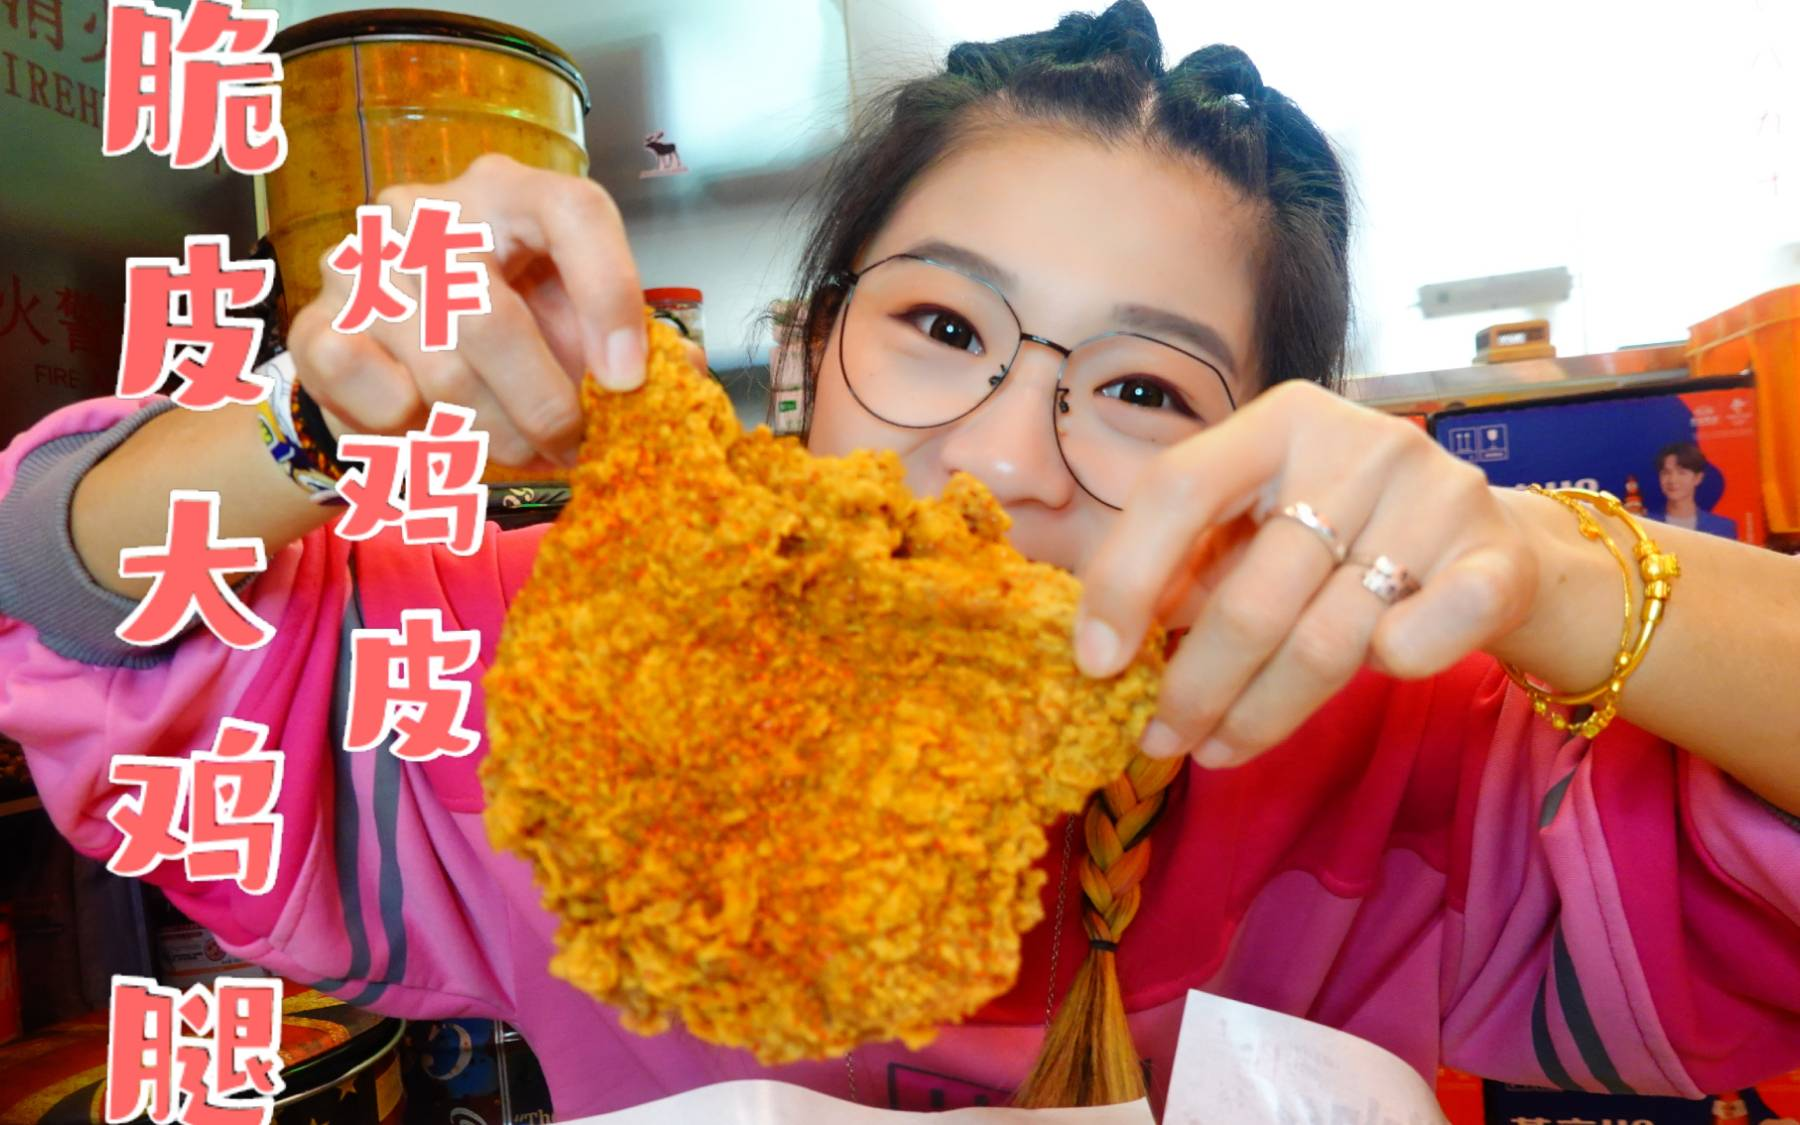 【逛吃北京】角门宝藏炸鸡店,脆皮大鸡腿整吃最好!还有炸鸡皮!